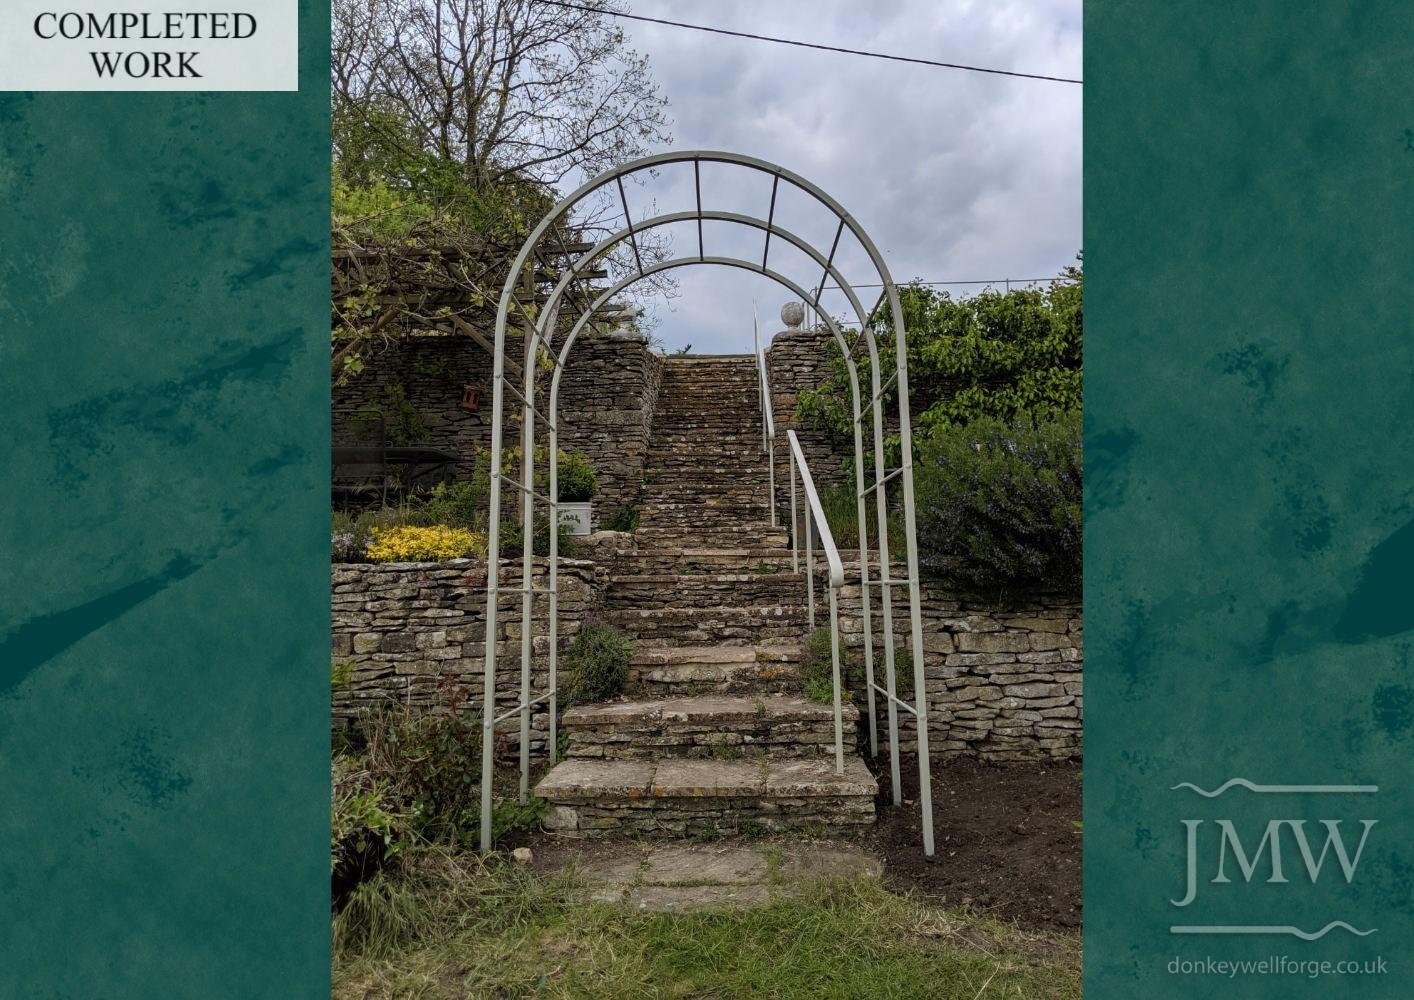 ironwork-garden-arch-completed